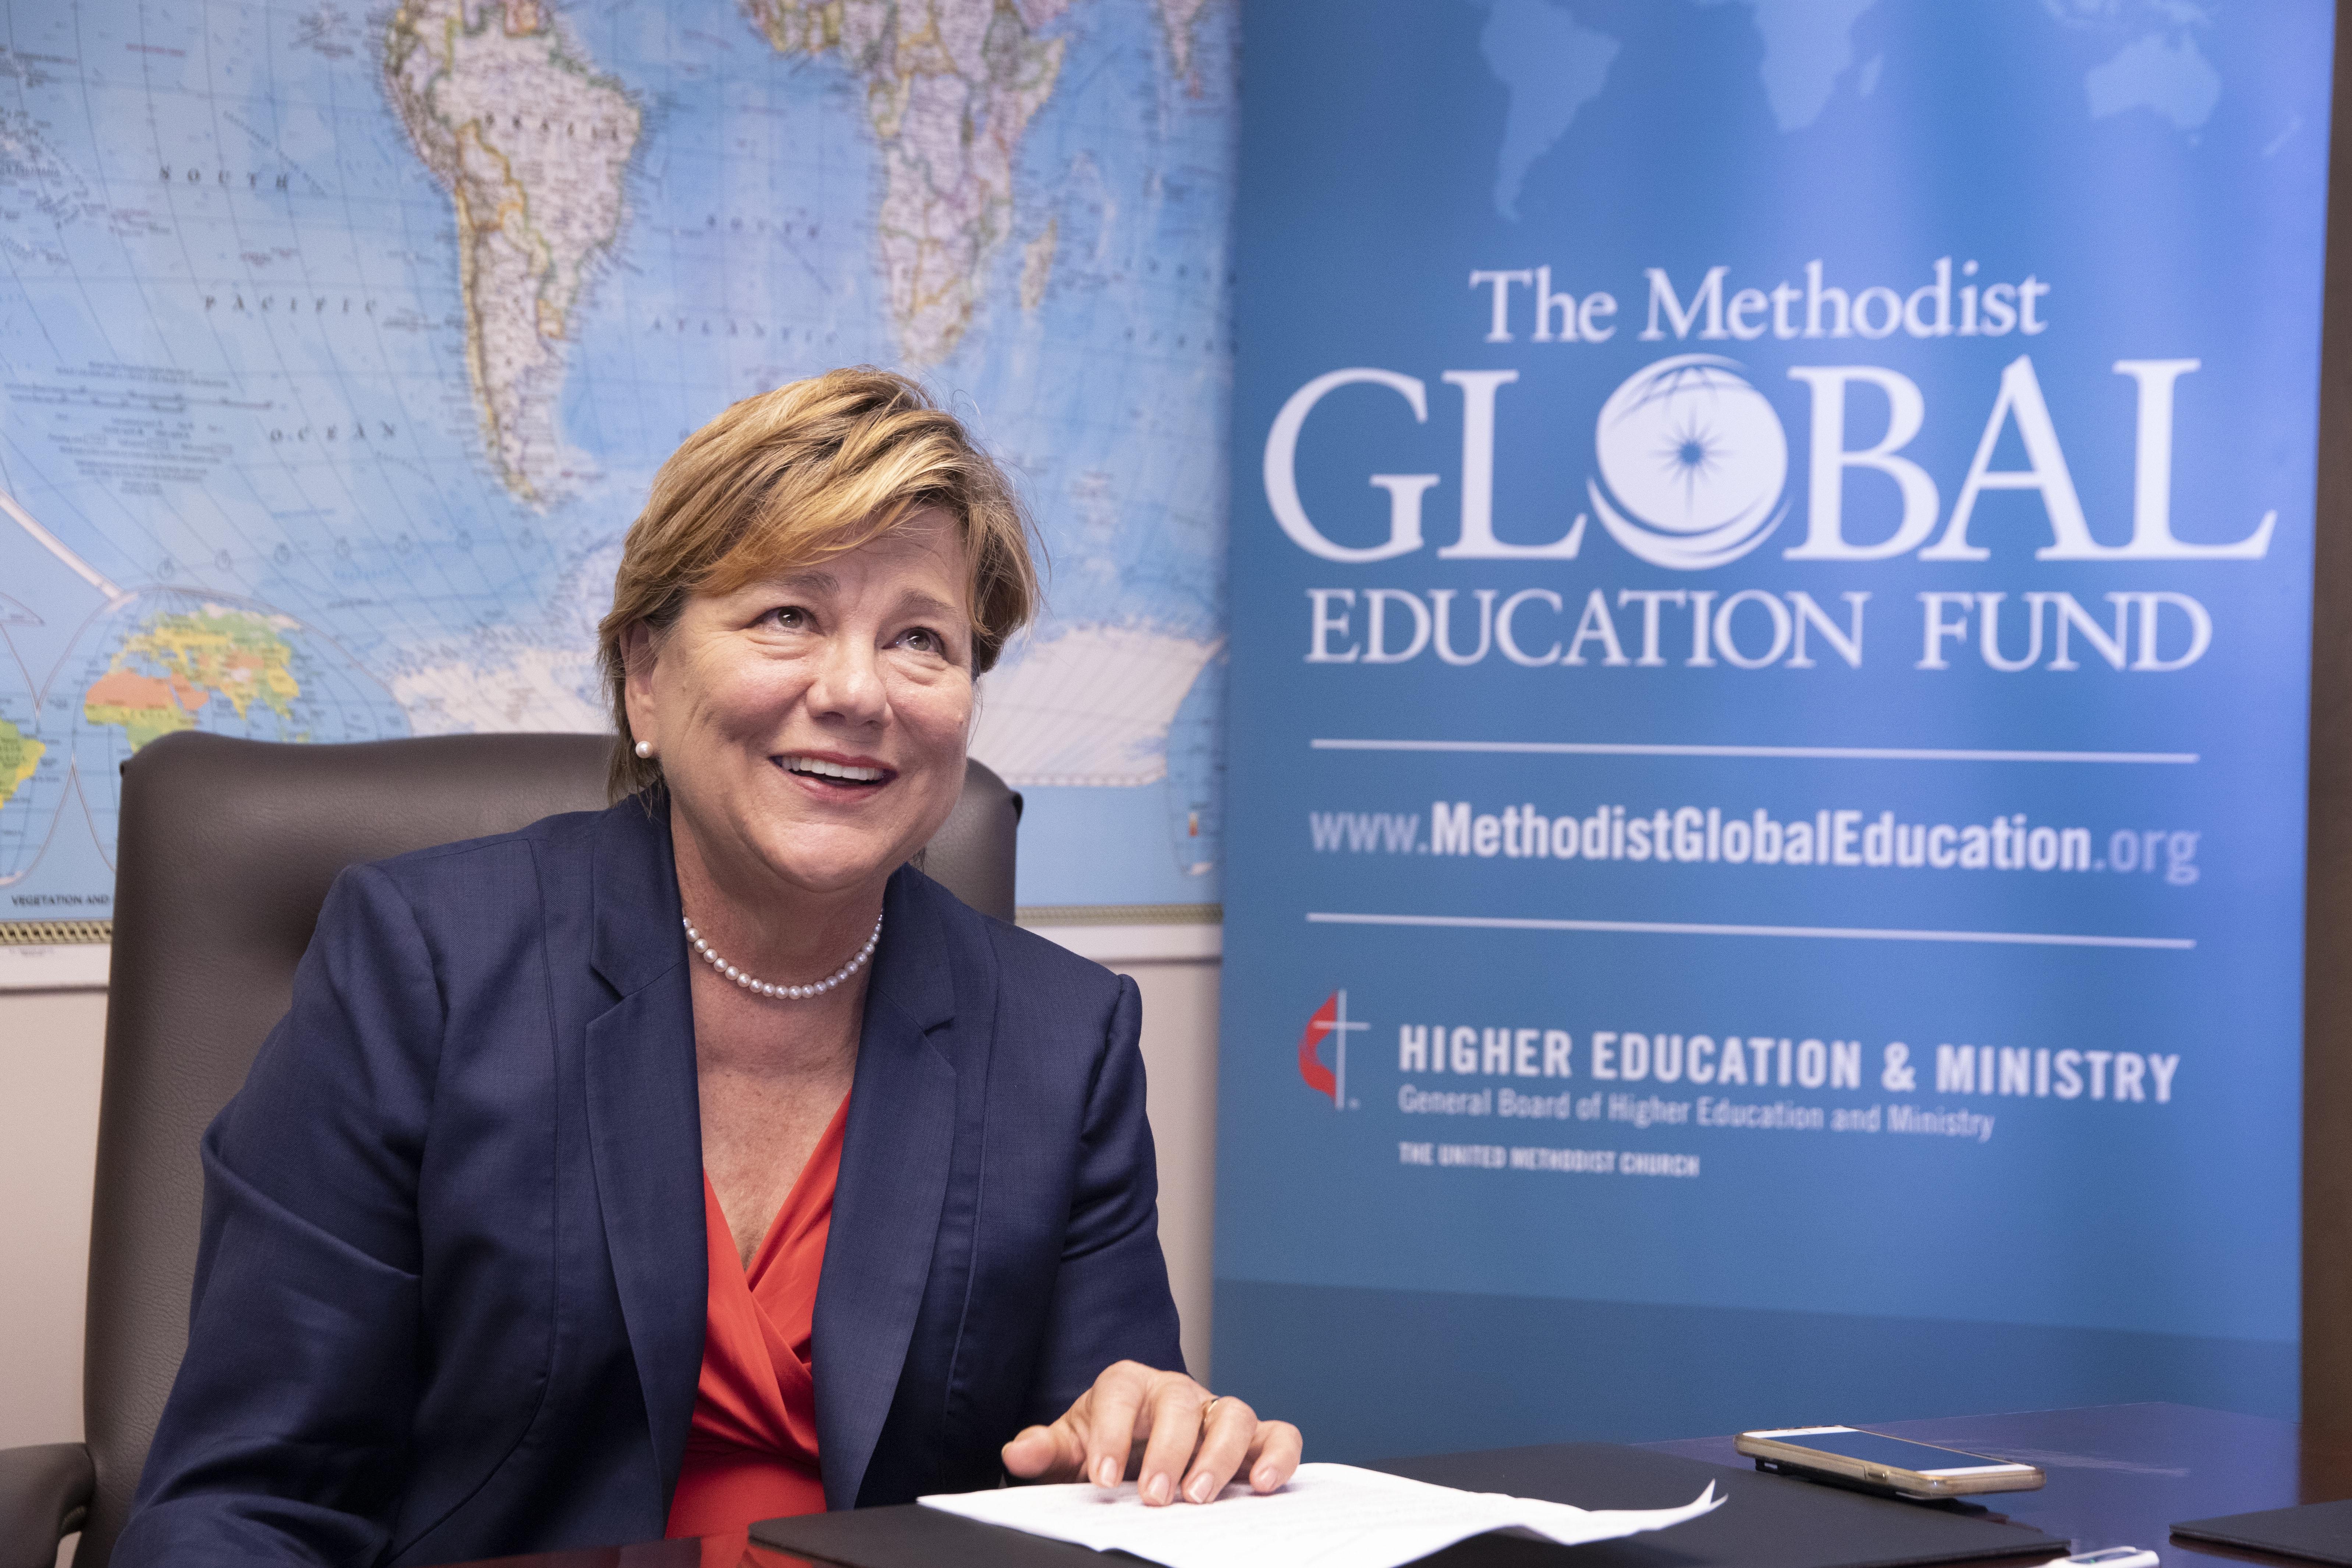 A Revda. Kim Cape, principal executiva do Conselho Metodista Unido de Educação Superior e Ministério, se aposenta em 1 de junho de 2019. Foto por Kathleen Barry, Notícias MU.